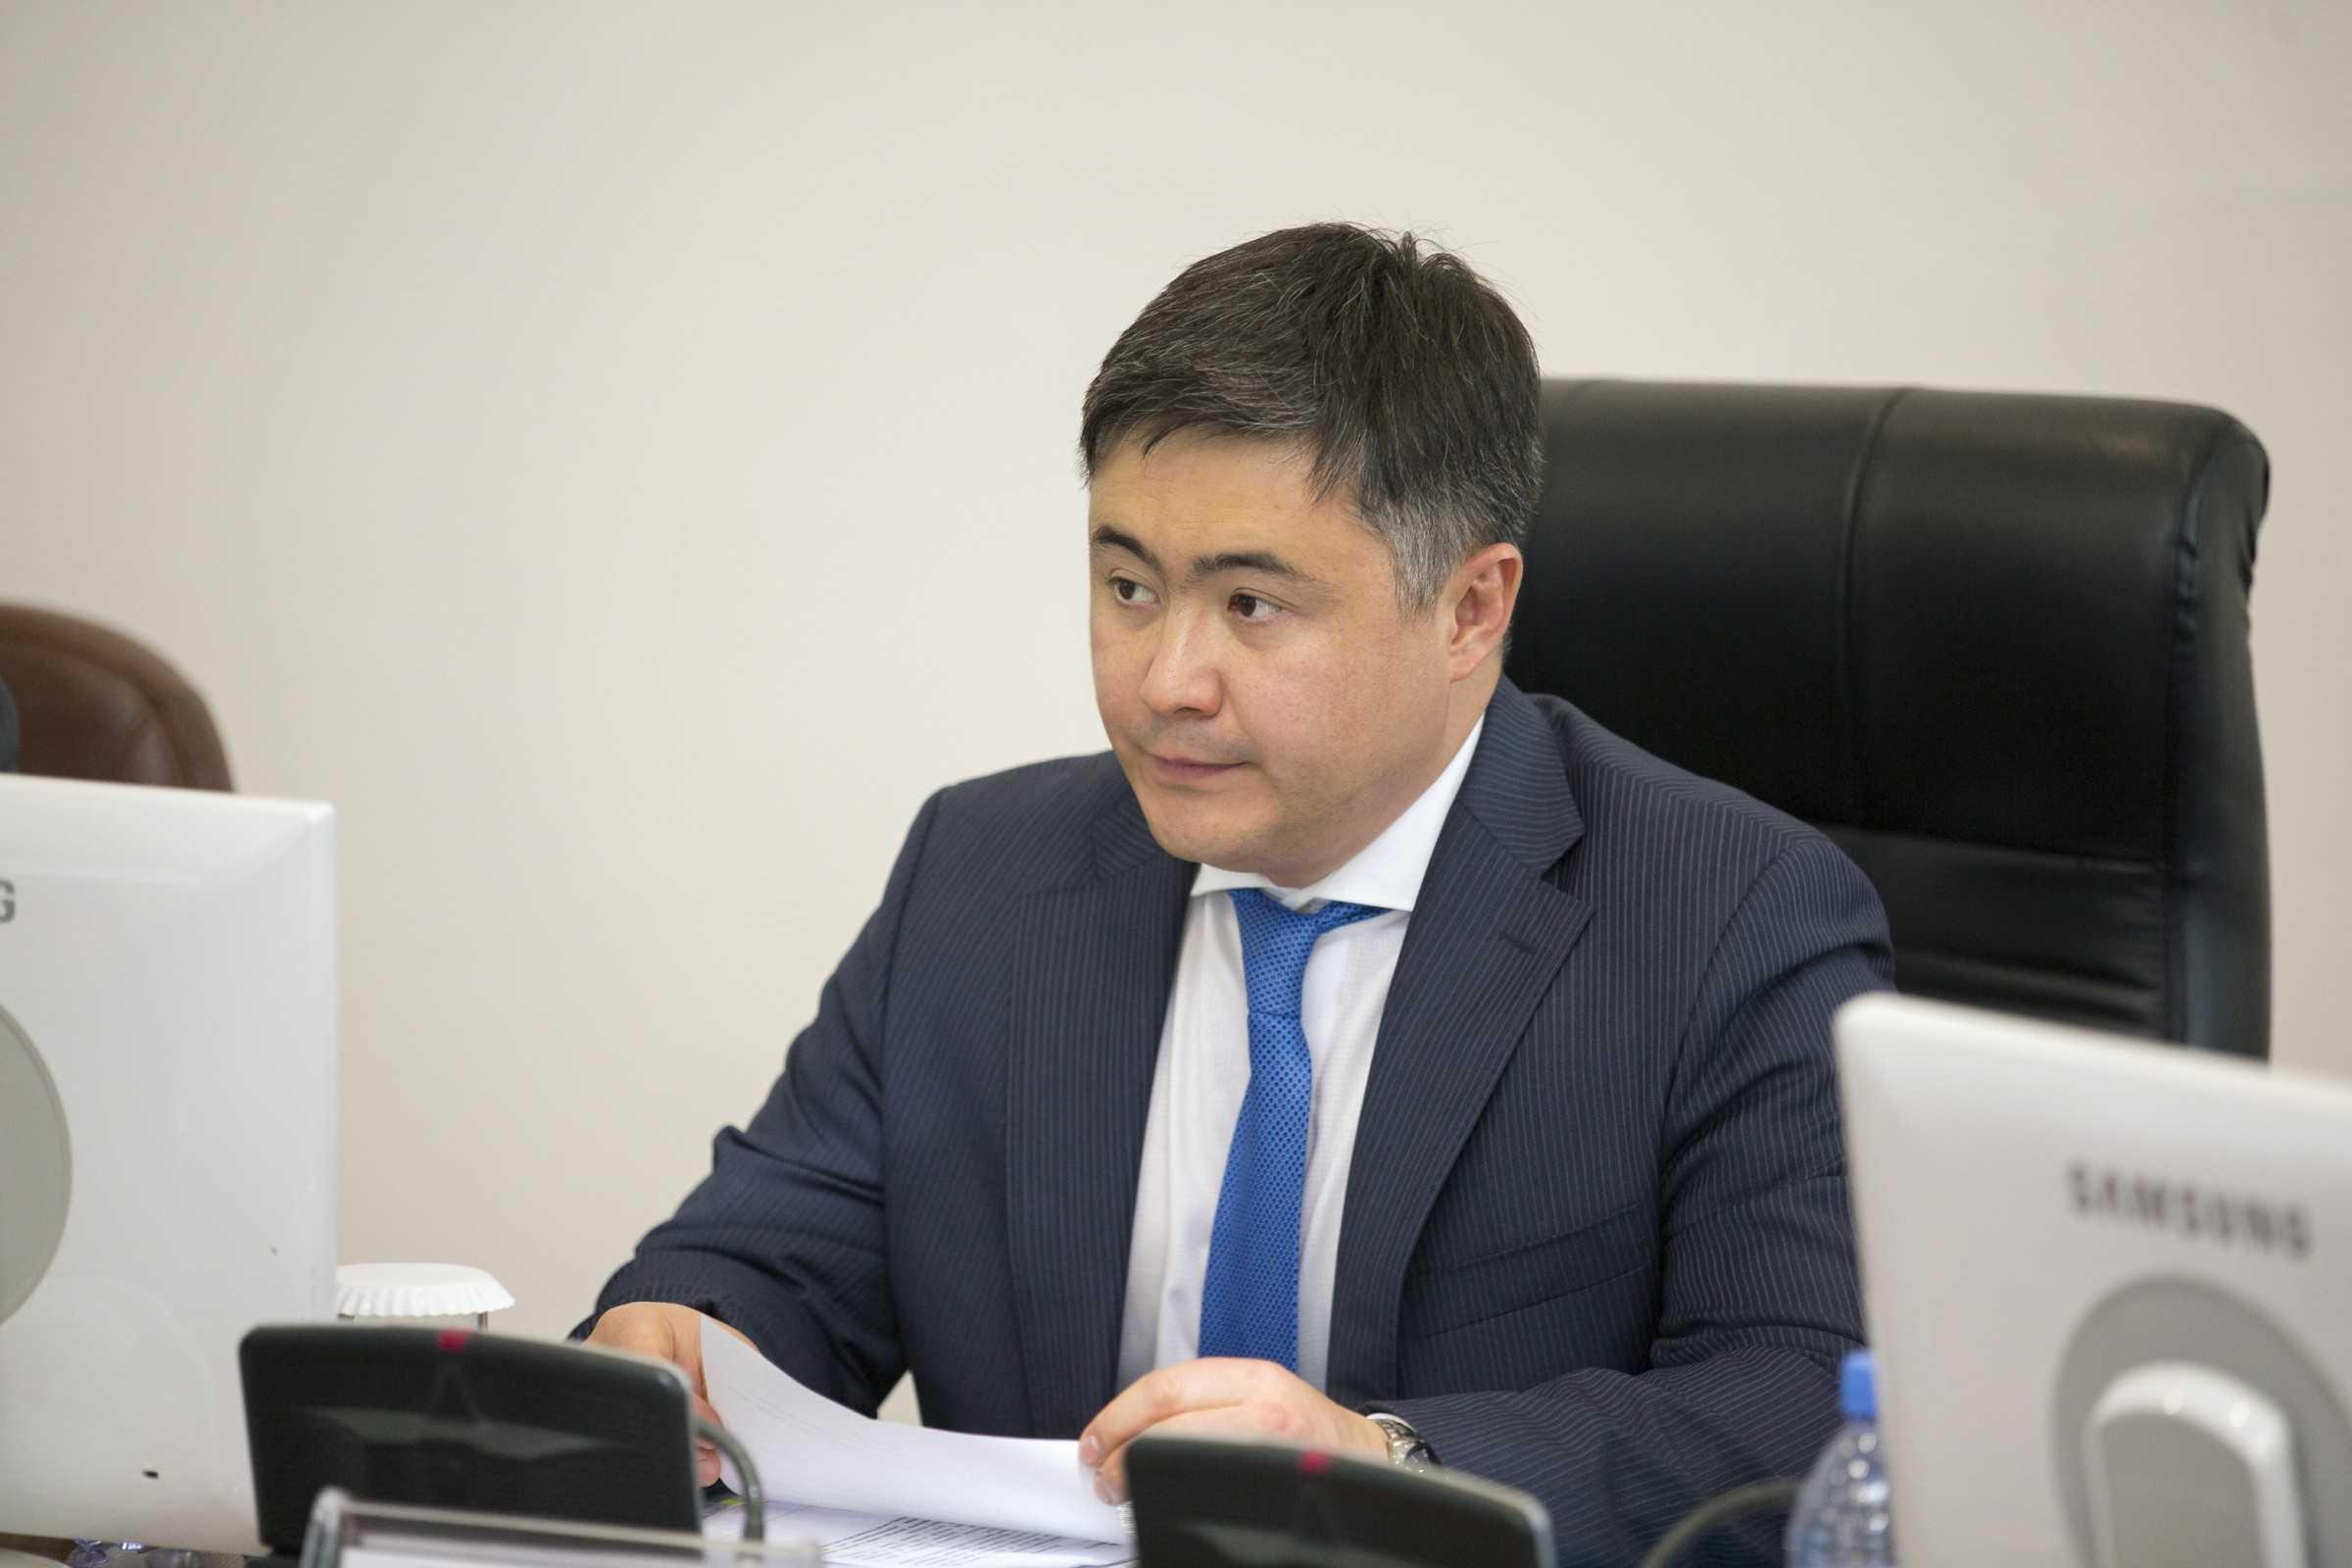 Казахстан по дипканалам отслеживает прохождение нового пакета санкций в отношении РФ – глава Миннацэкономики